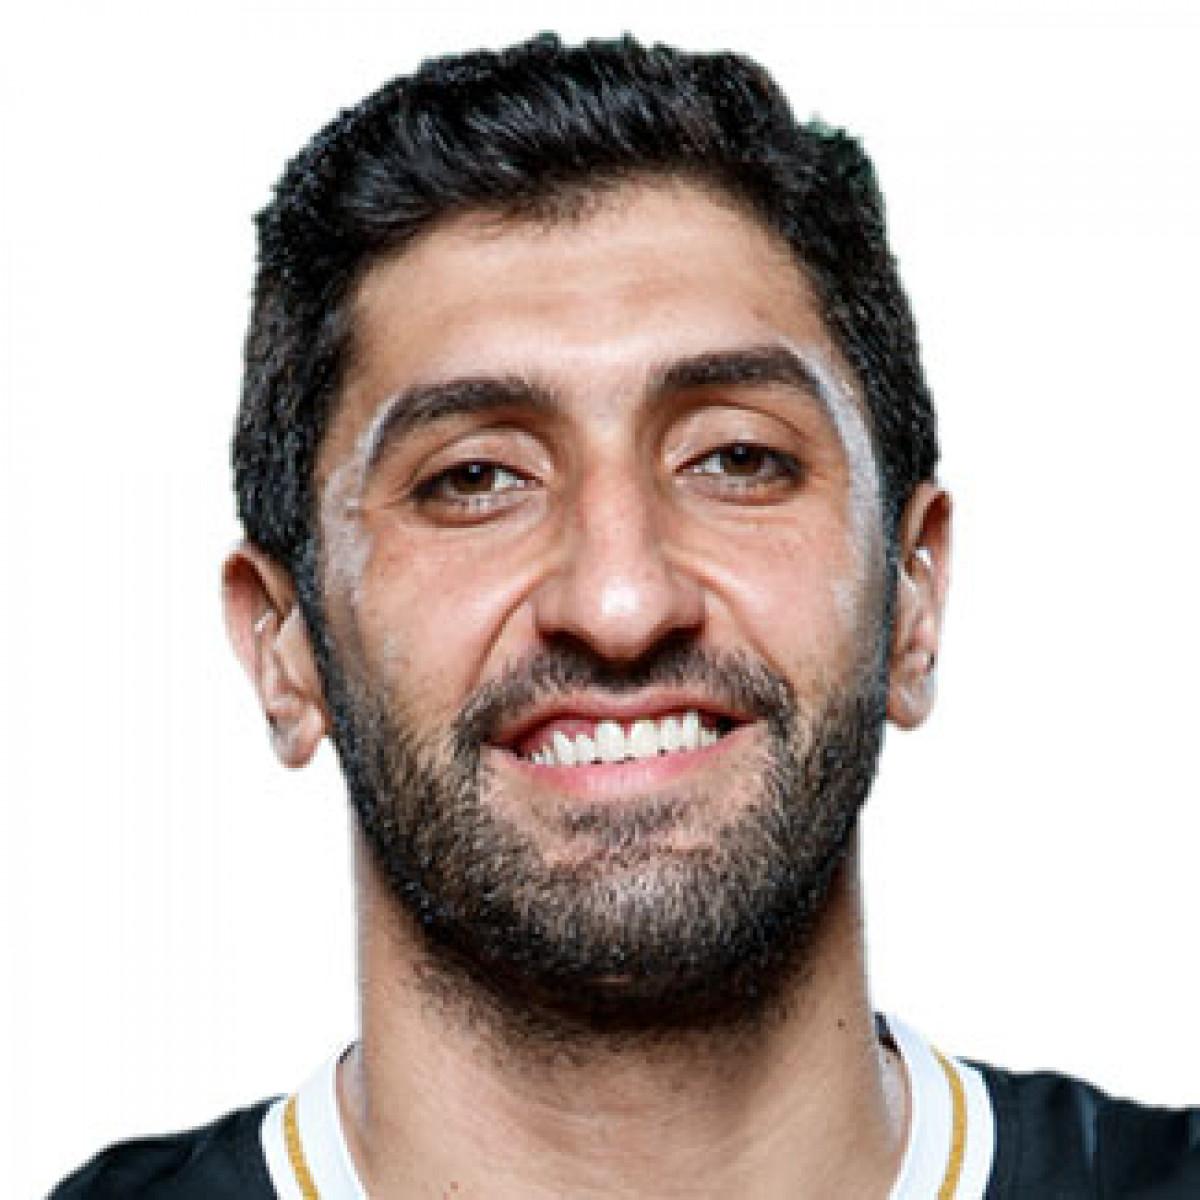 Ahmad Alhamarsheh